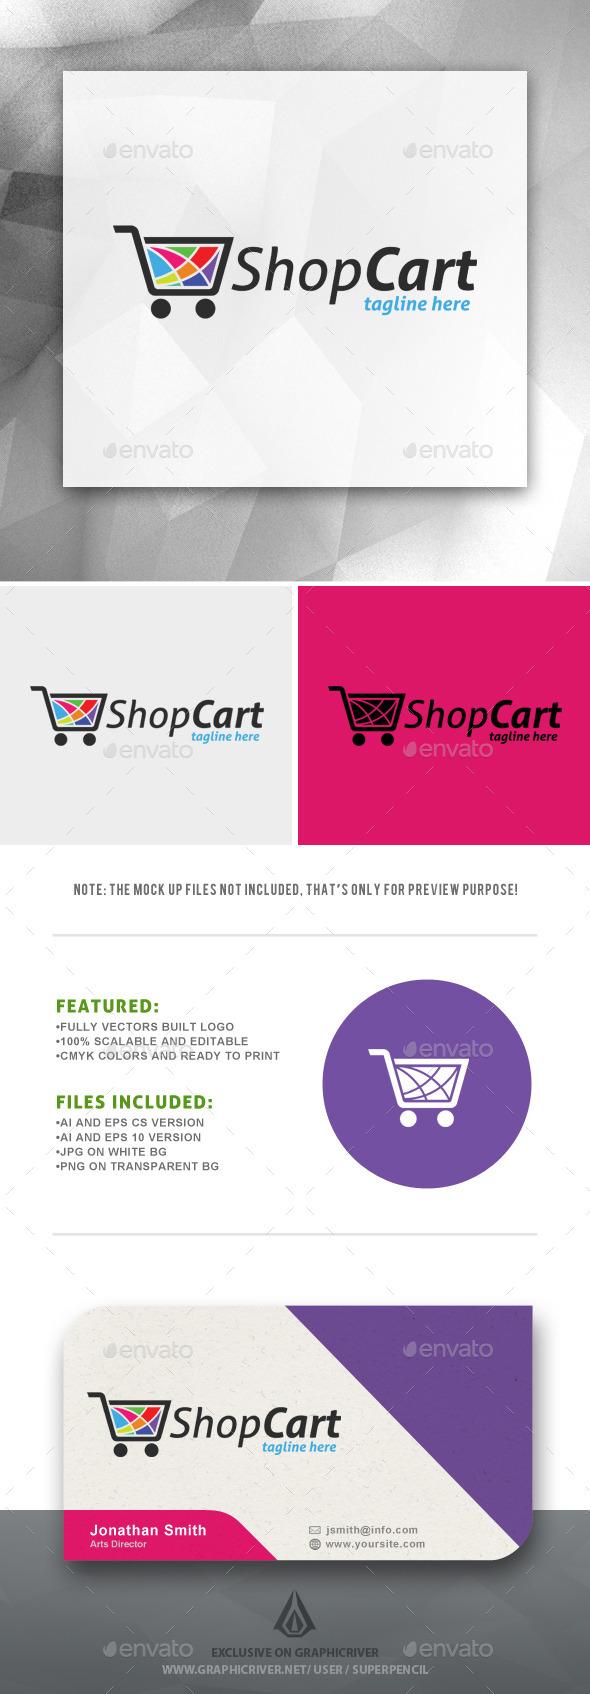 GraphicRiver ShopCart Logo 10914438